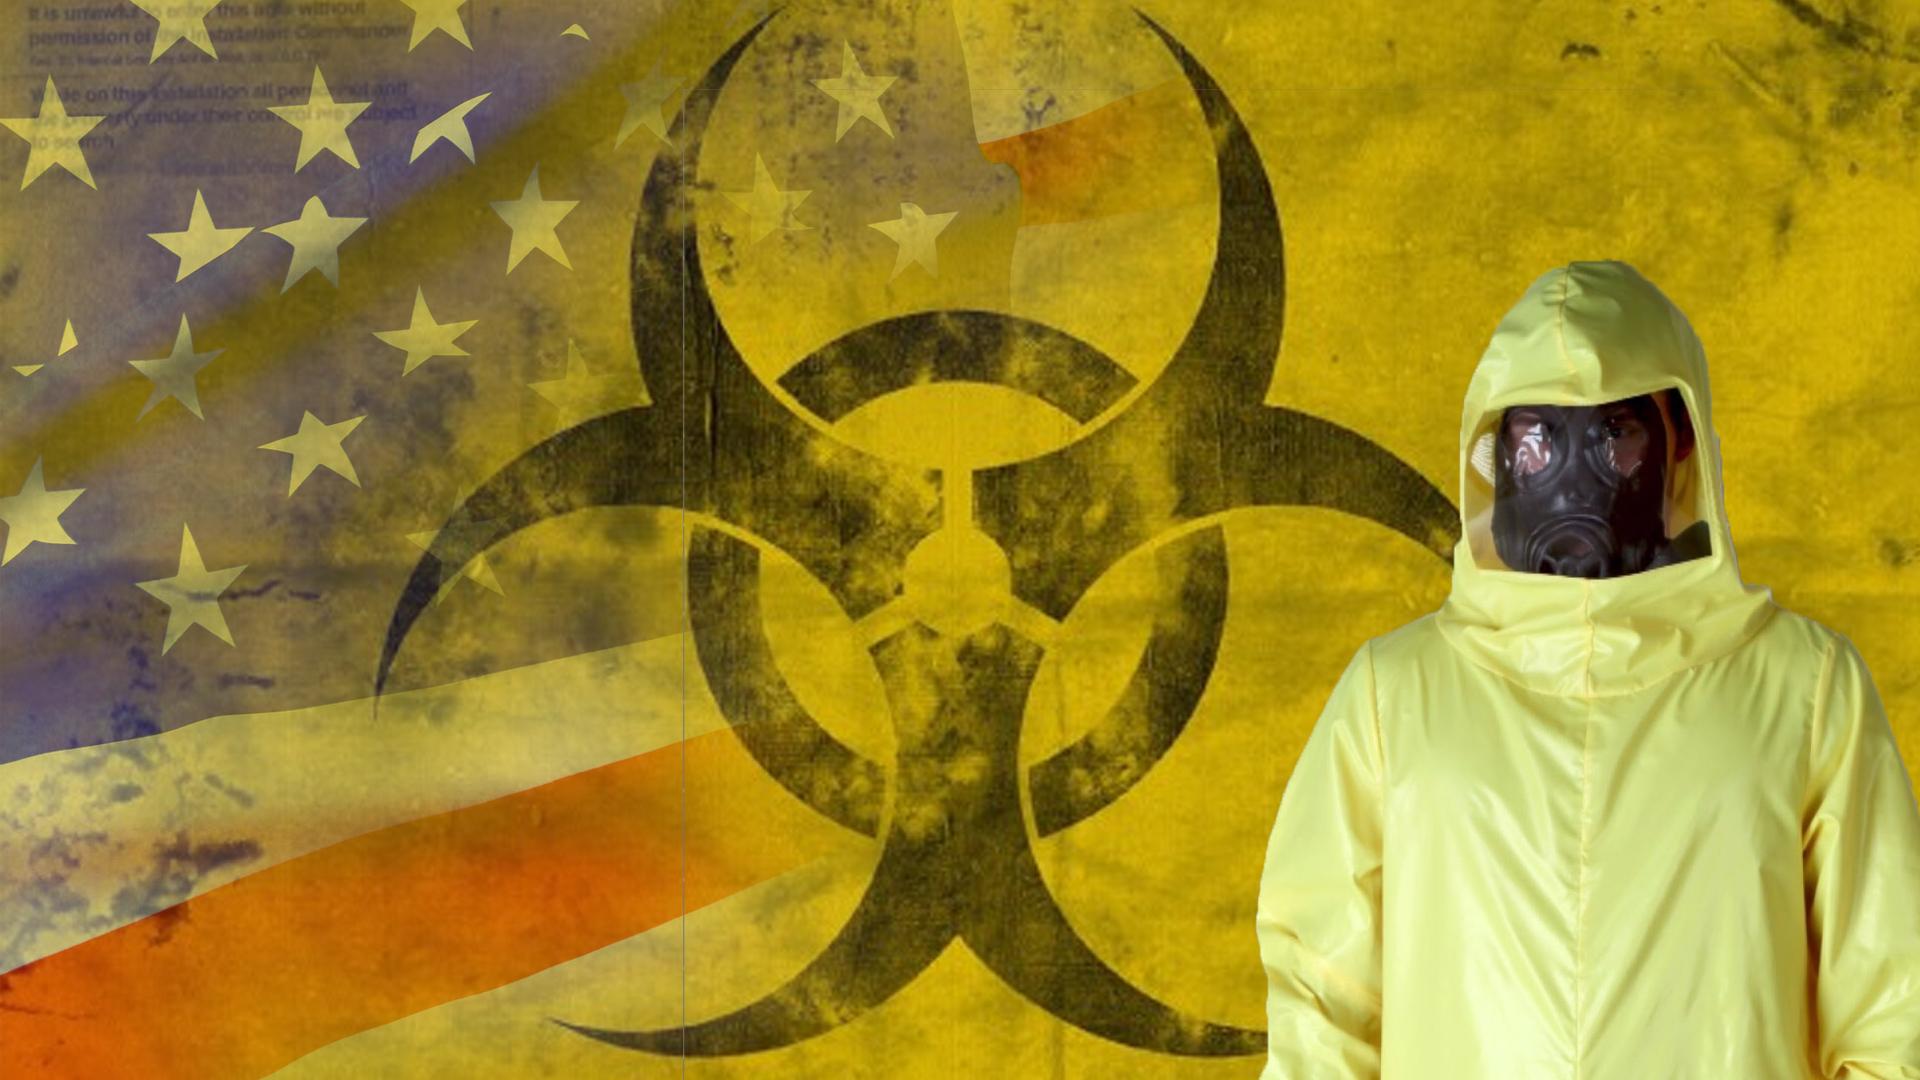 МИД уполномочен предупредить: США используют биологическое оружие под видом инфекций